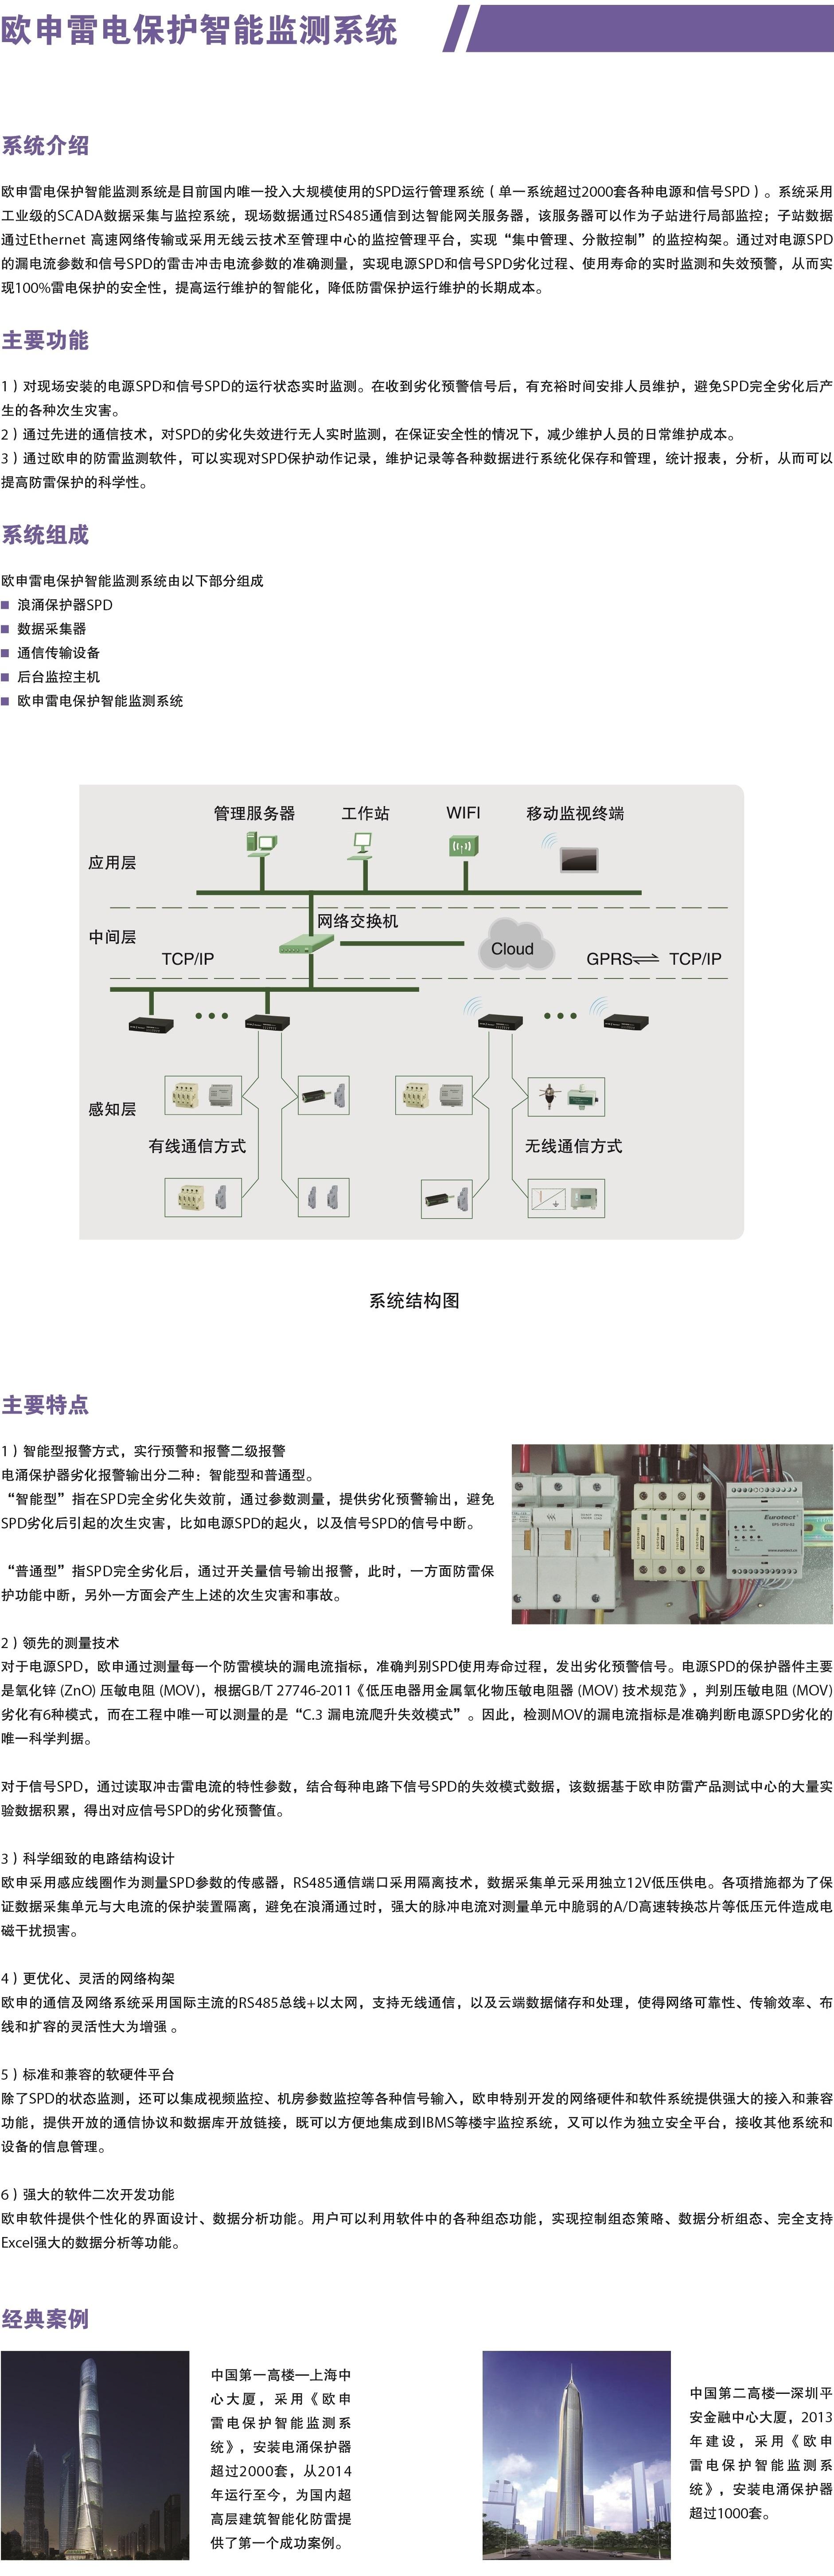 雷电保护智能管理系统